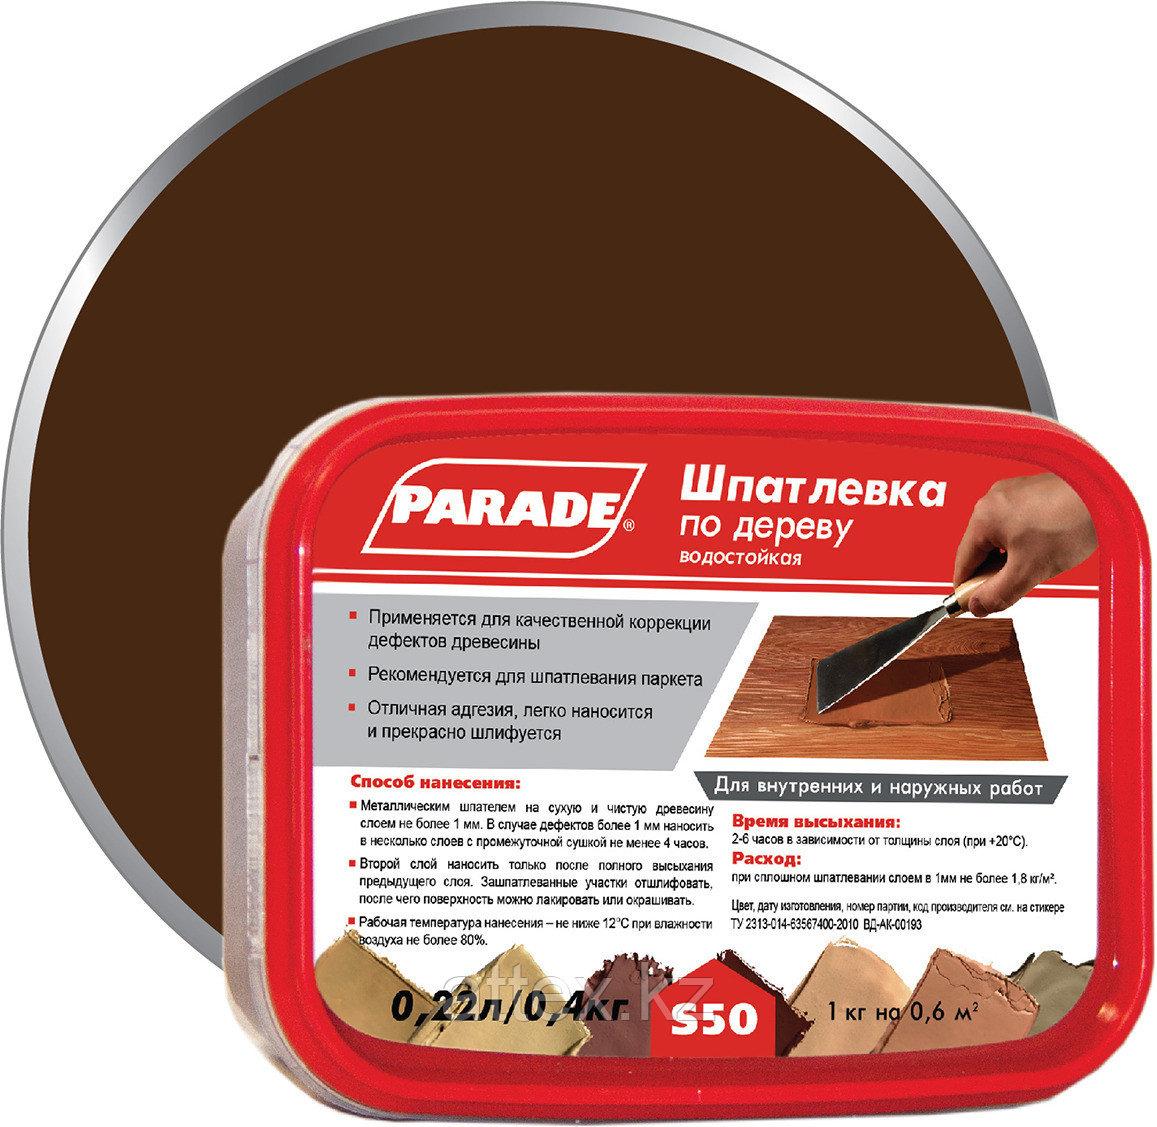 Шпаклевка по дереву PARADE S50 сосна 0,4 кг